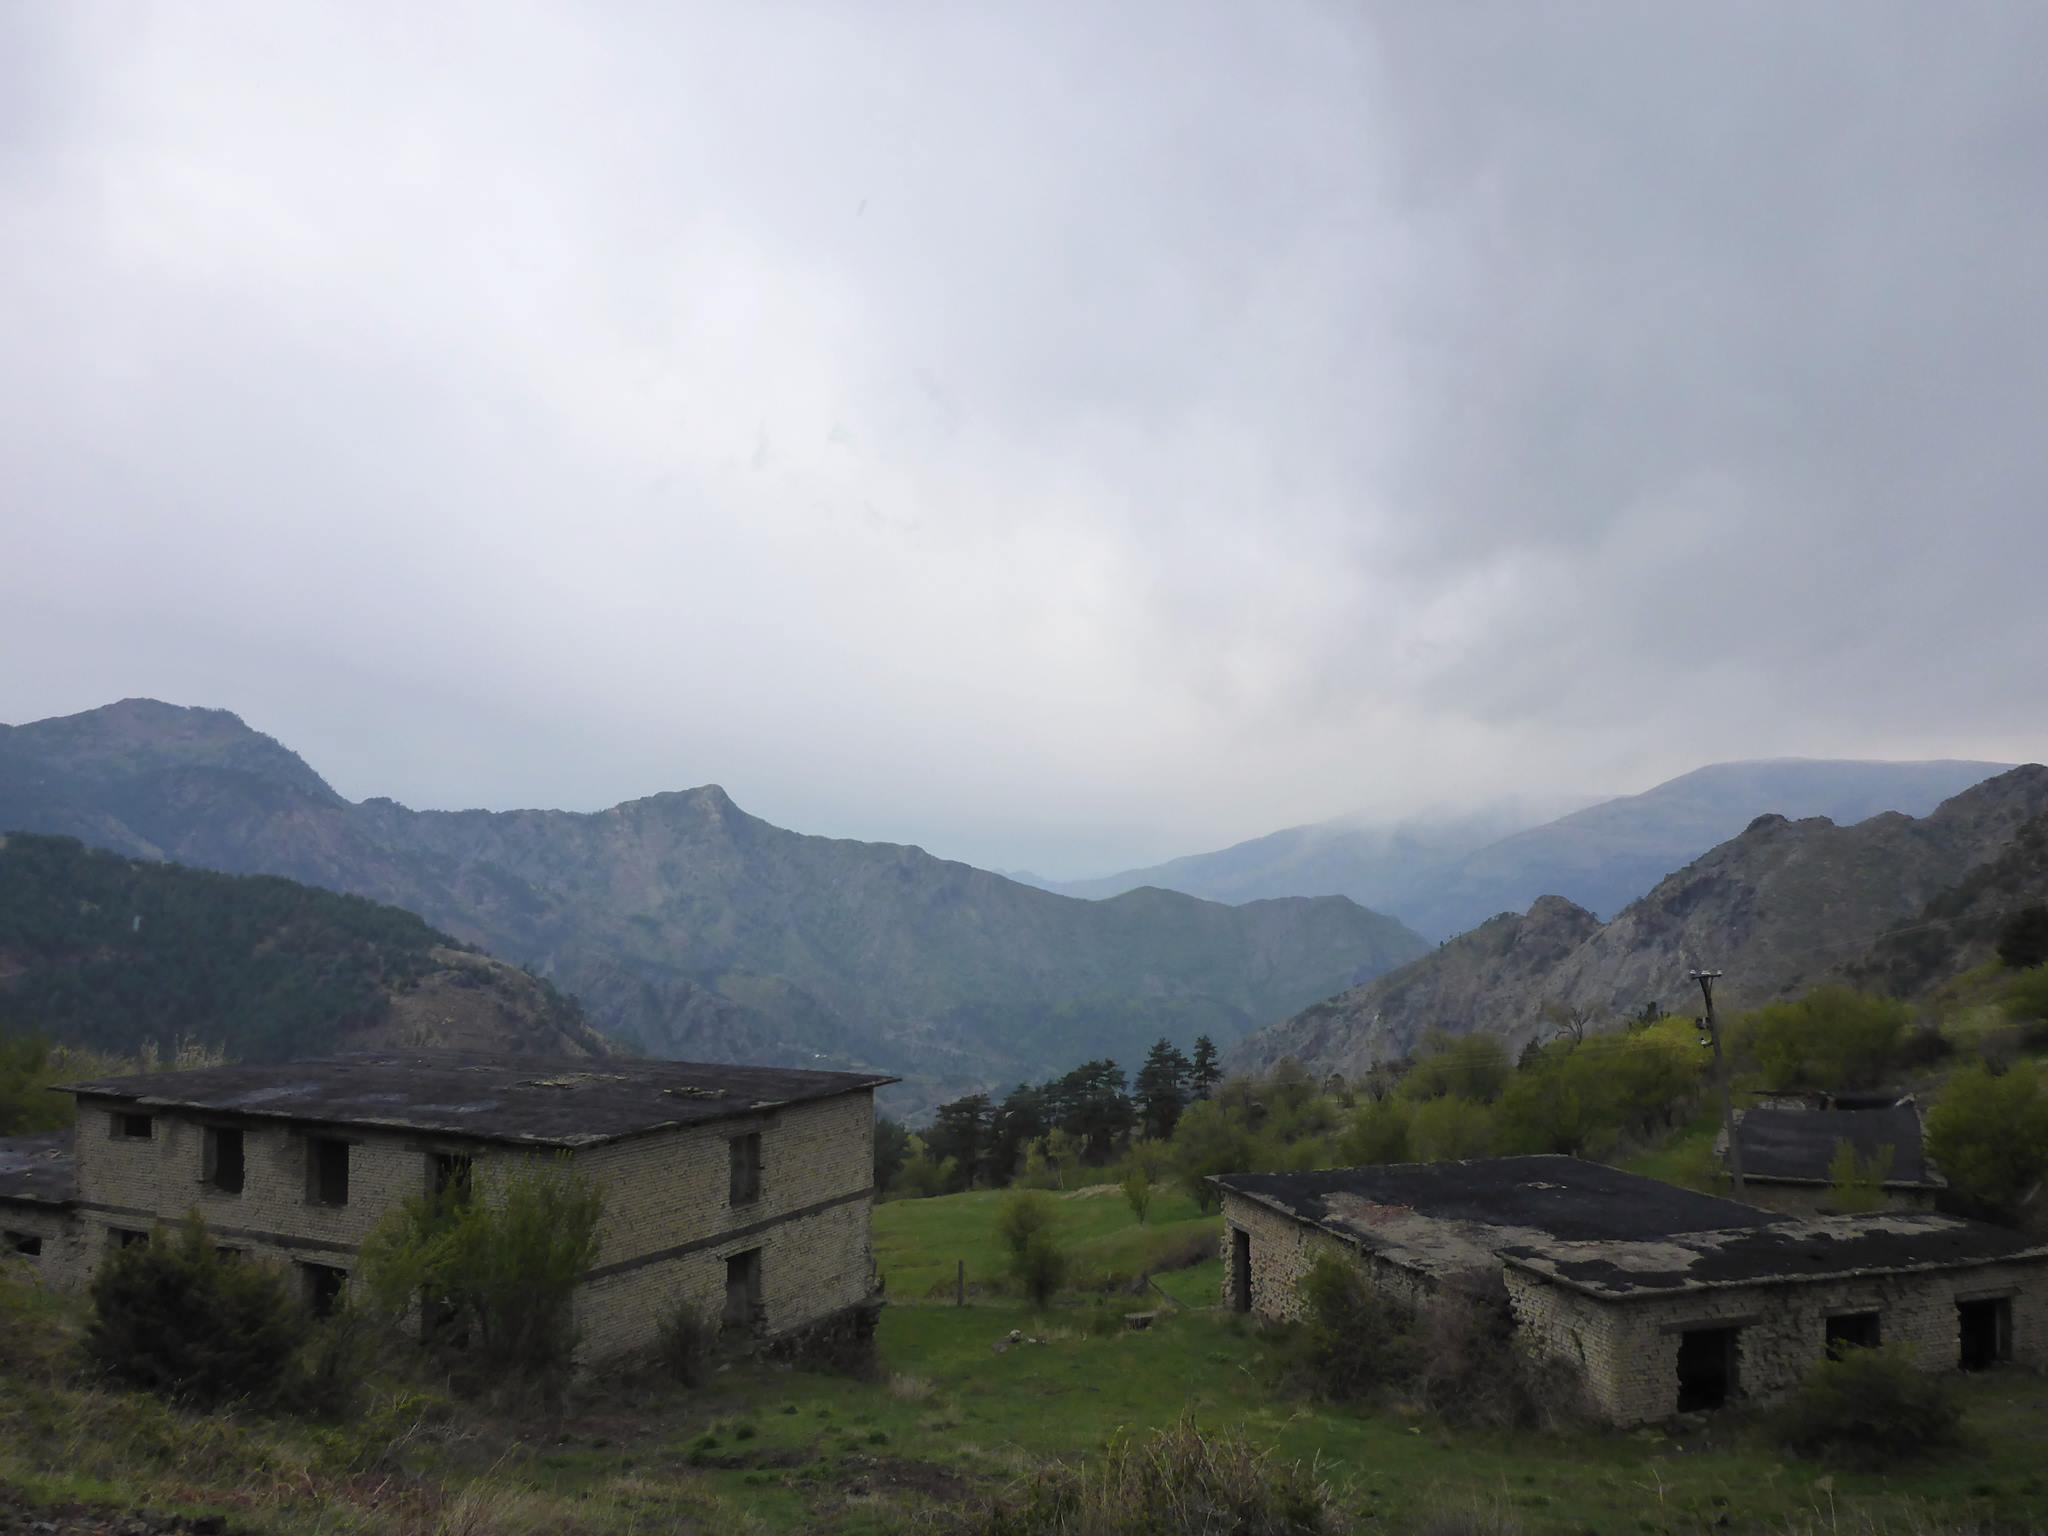 Ce genre de bâtiments en ruine se rencontrant au hasard d'une colline ou d'une montagne